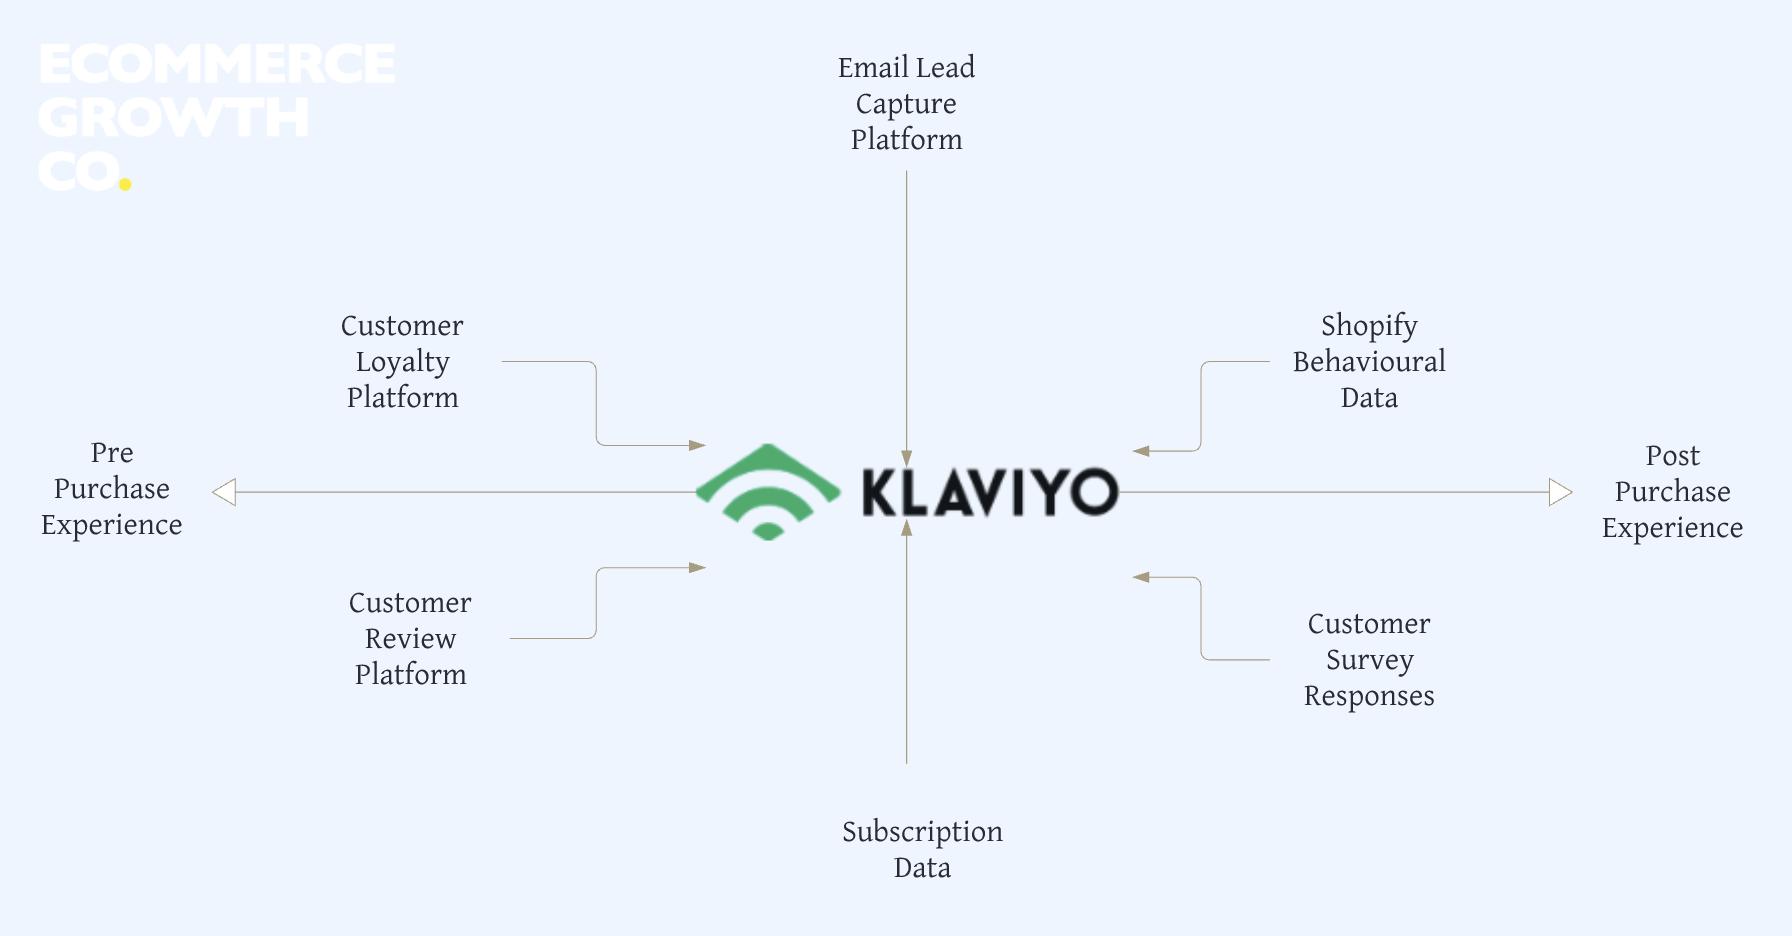 Ecommerce Growth Using Klaviyo